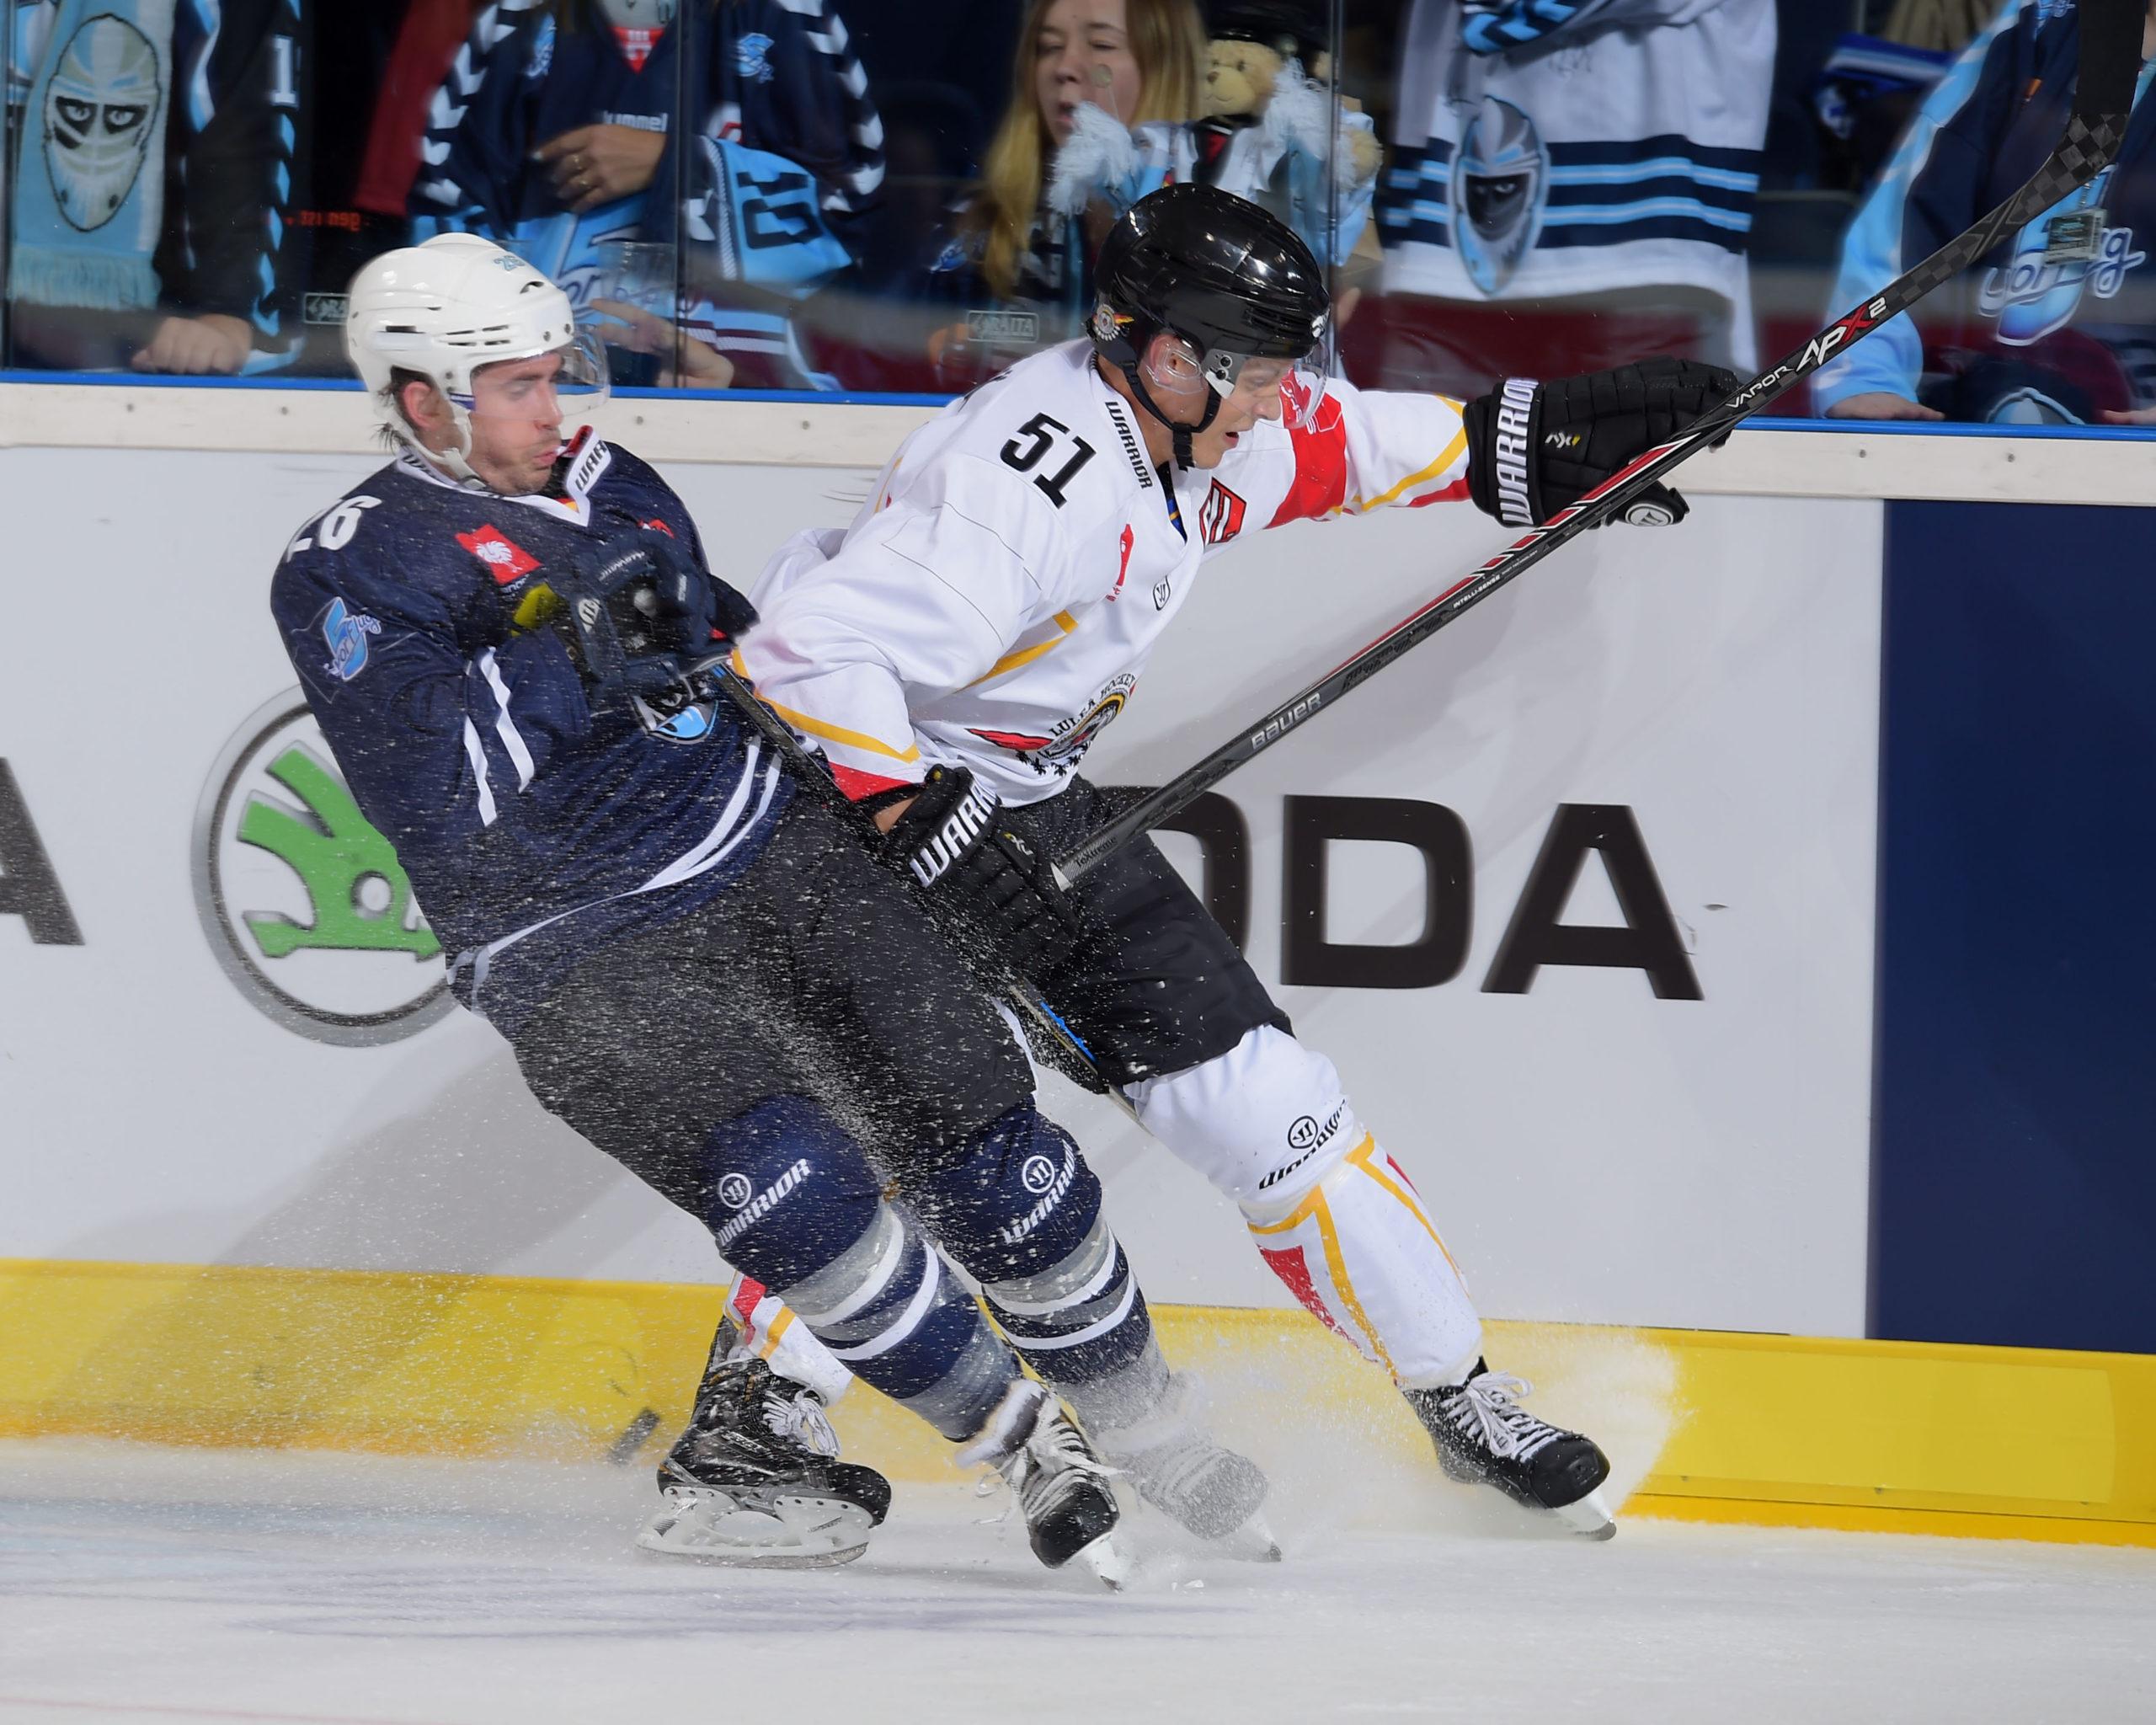 Kristian Näkyvällä on kivessyöpä -